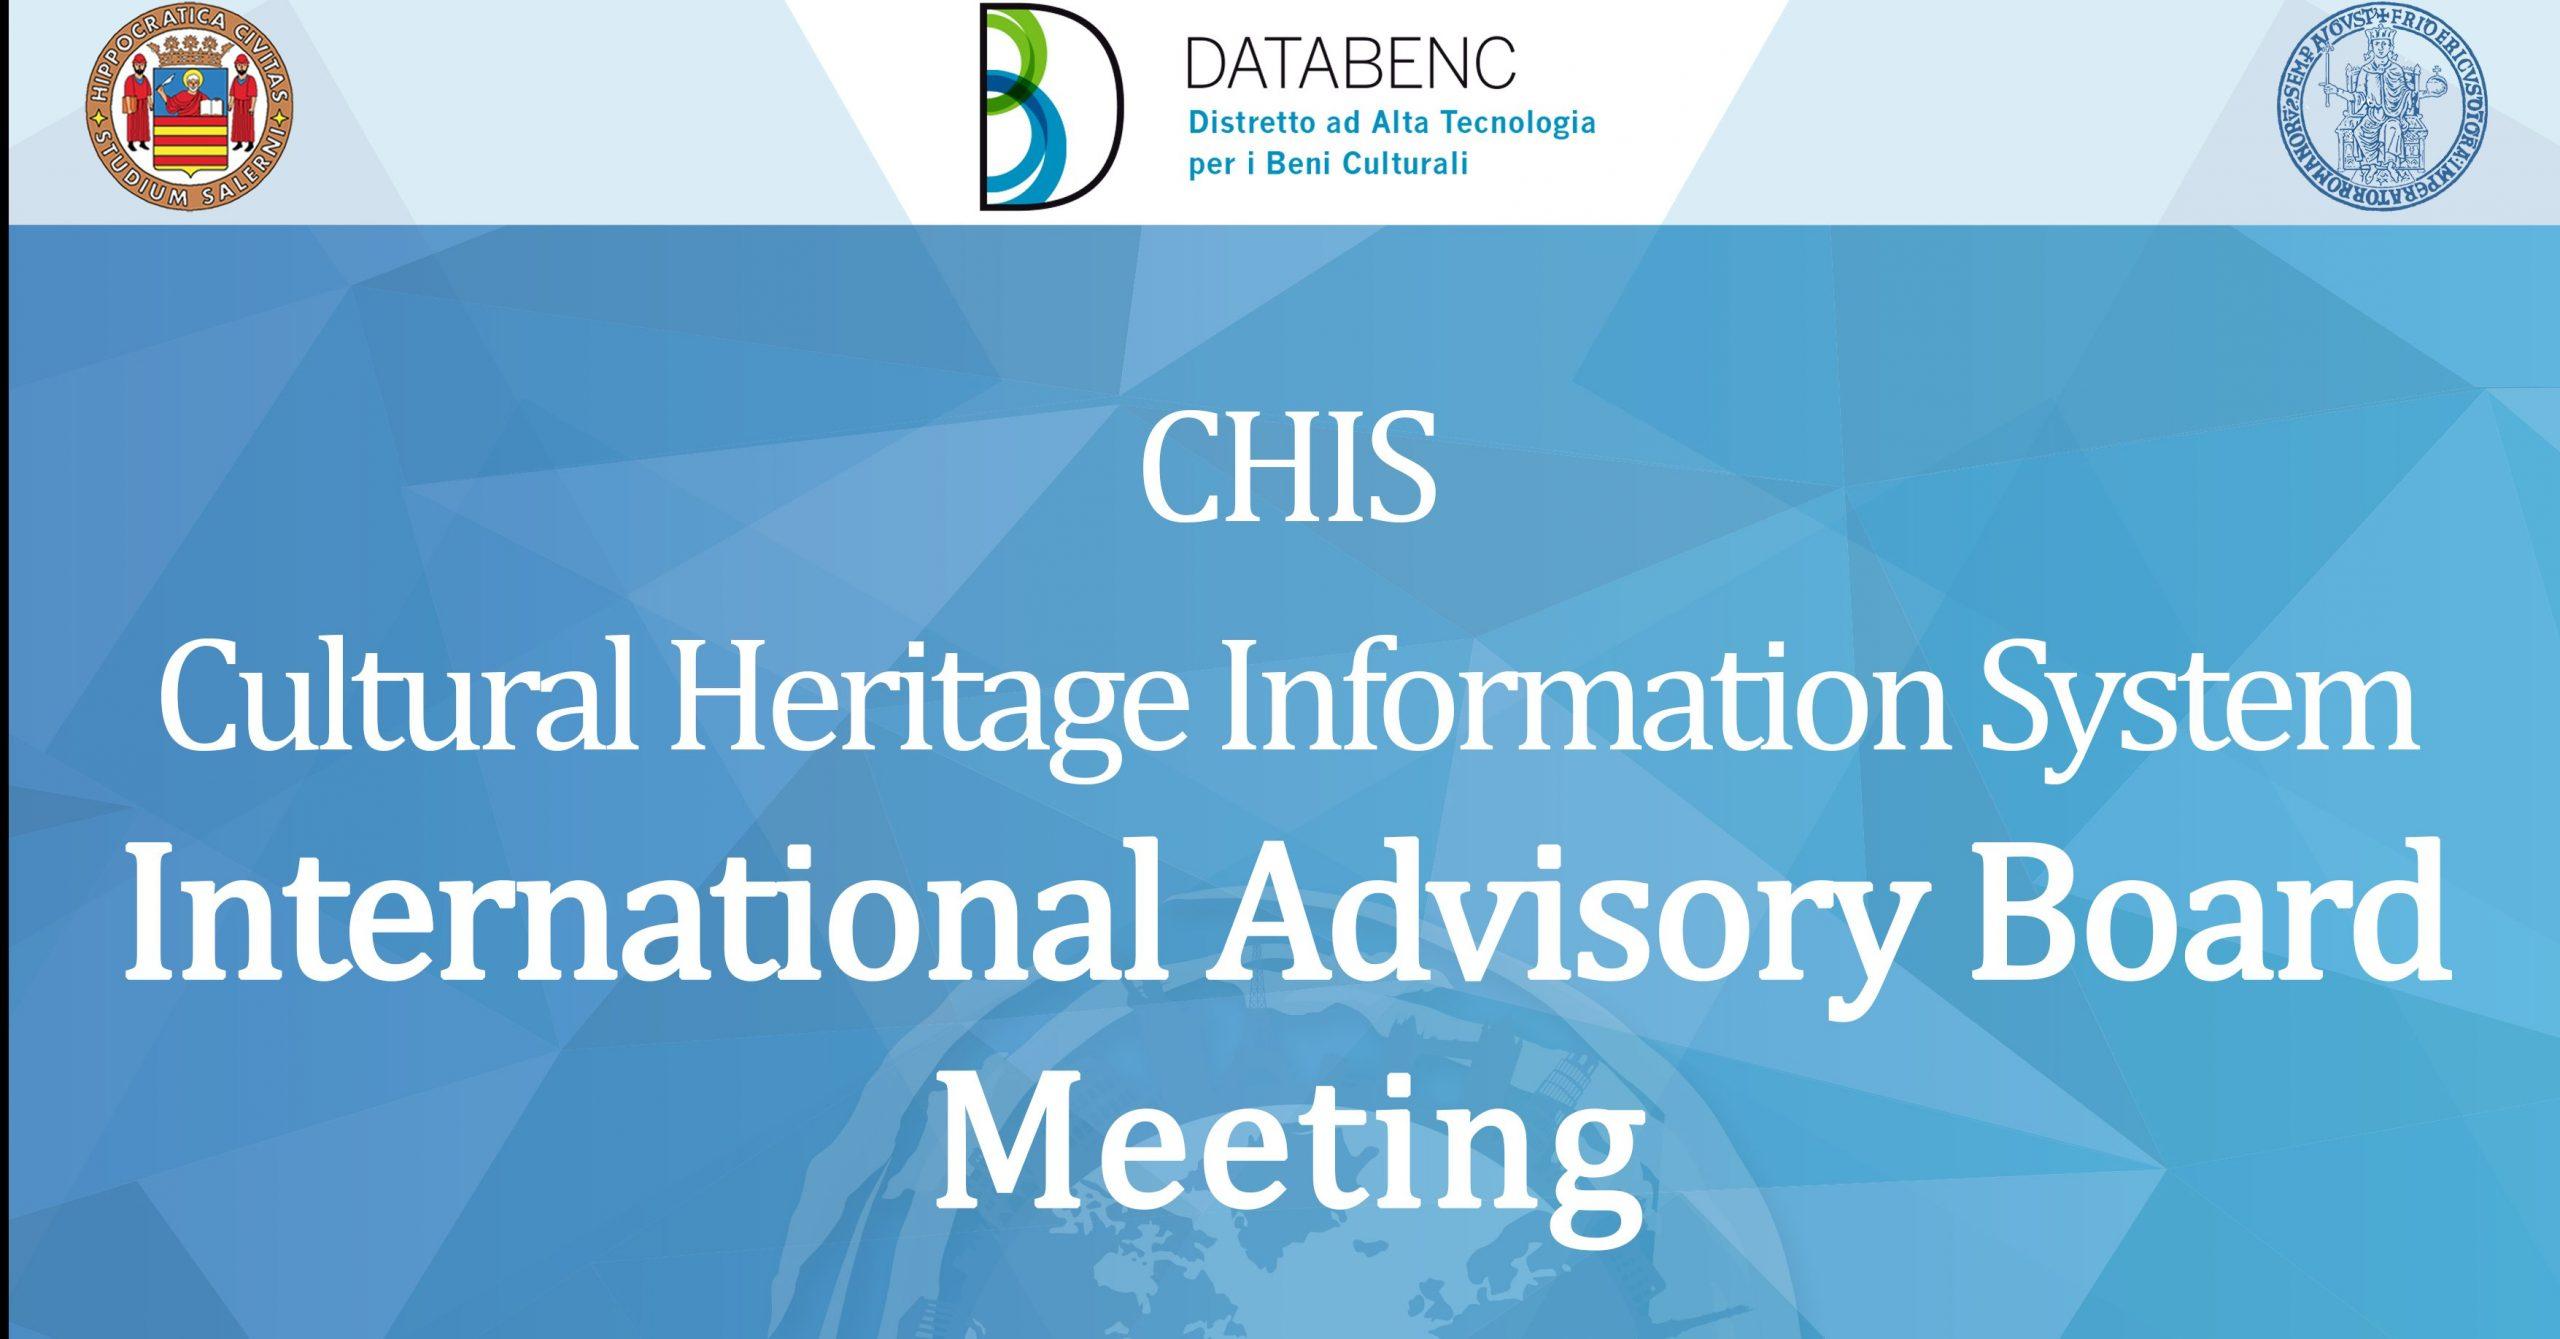 International Advisory Board (IAB): presentazione dei risultati intermedi di progetto